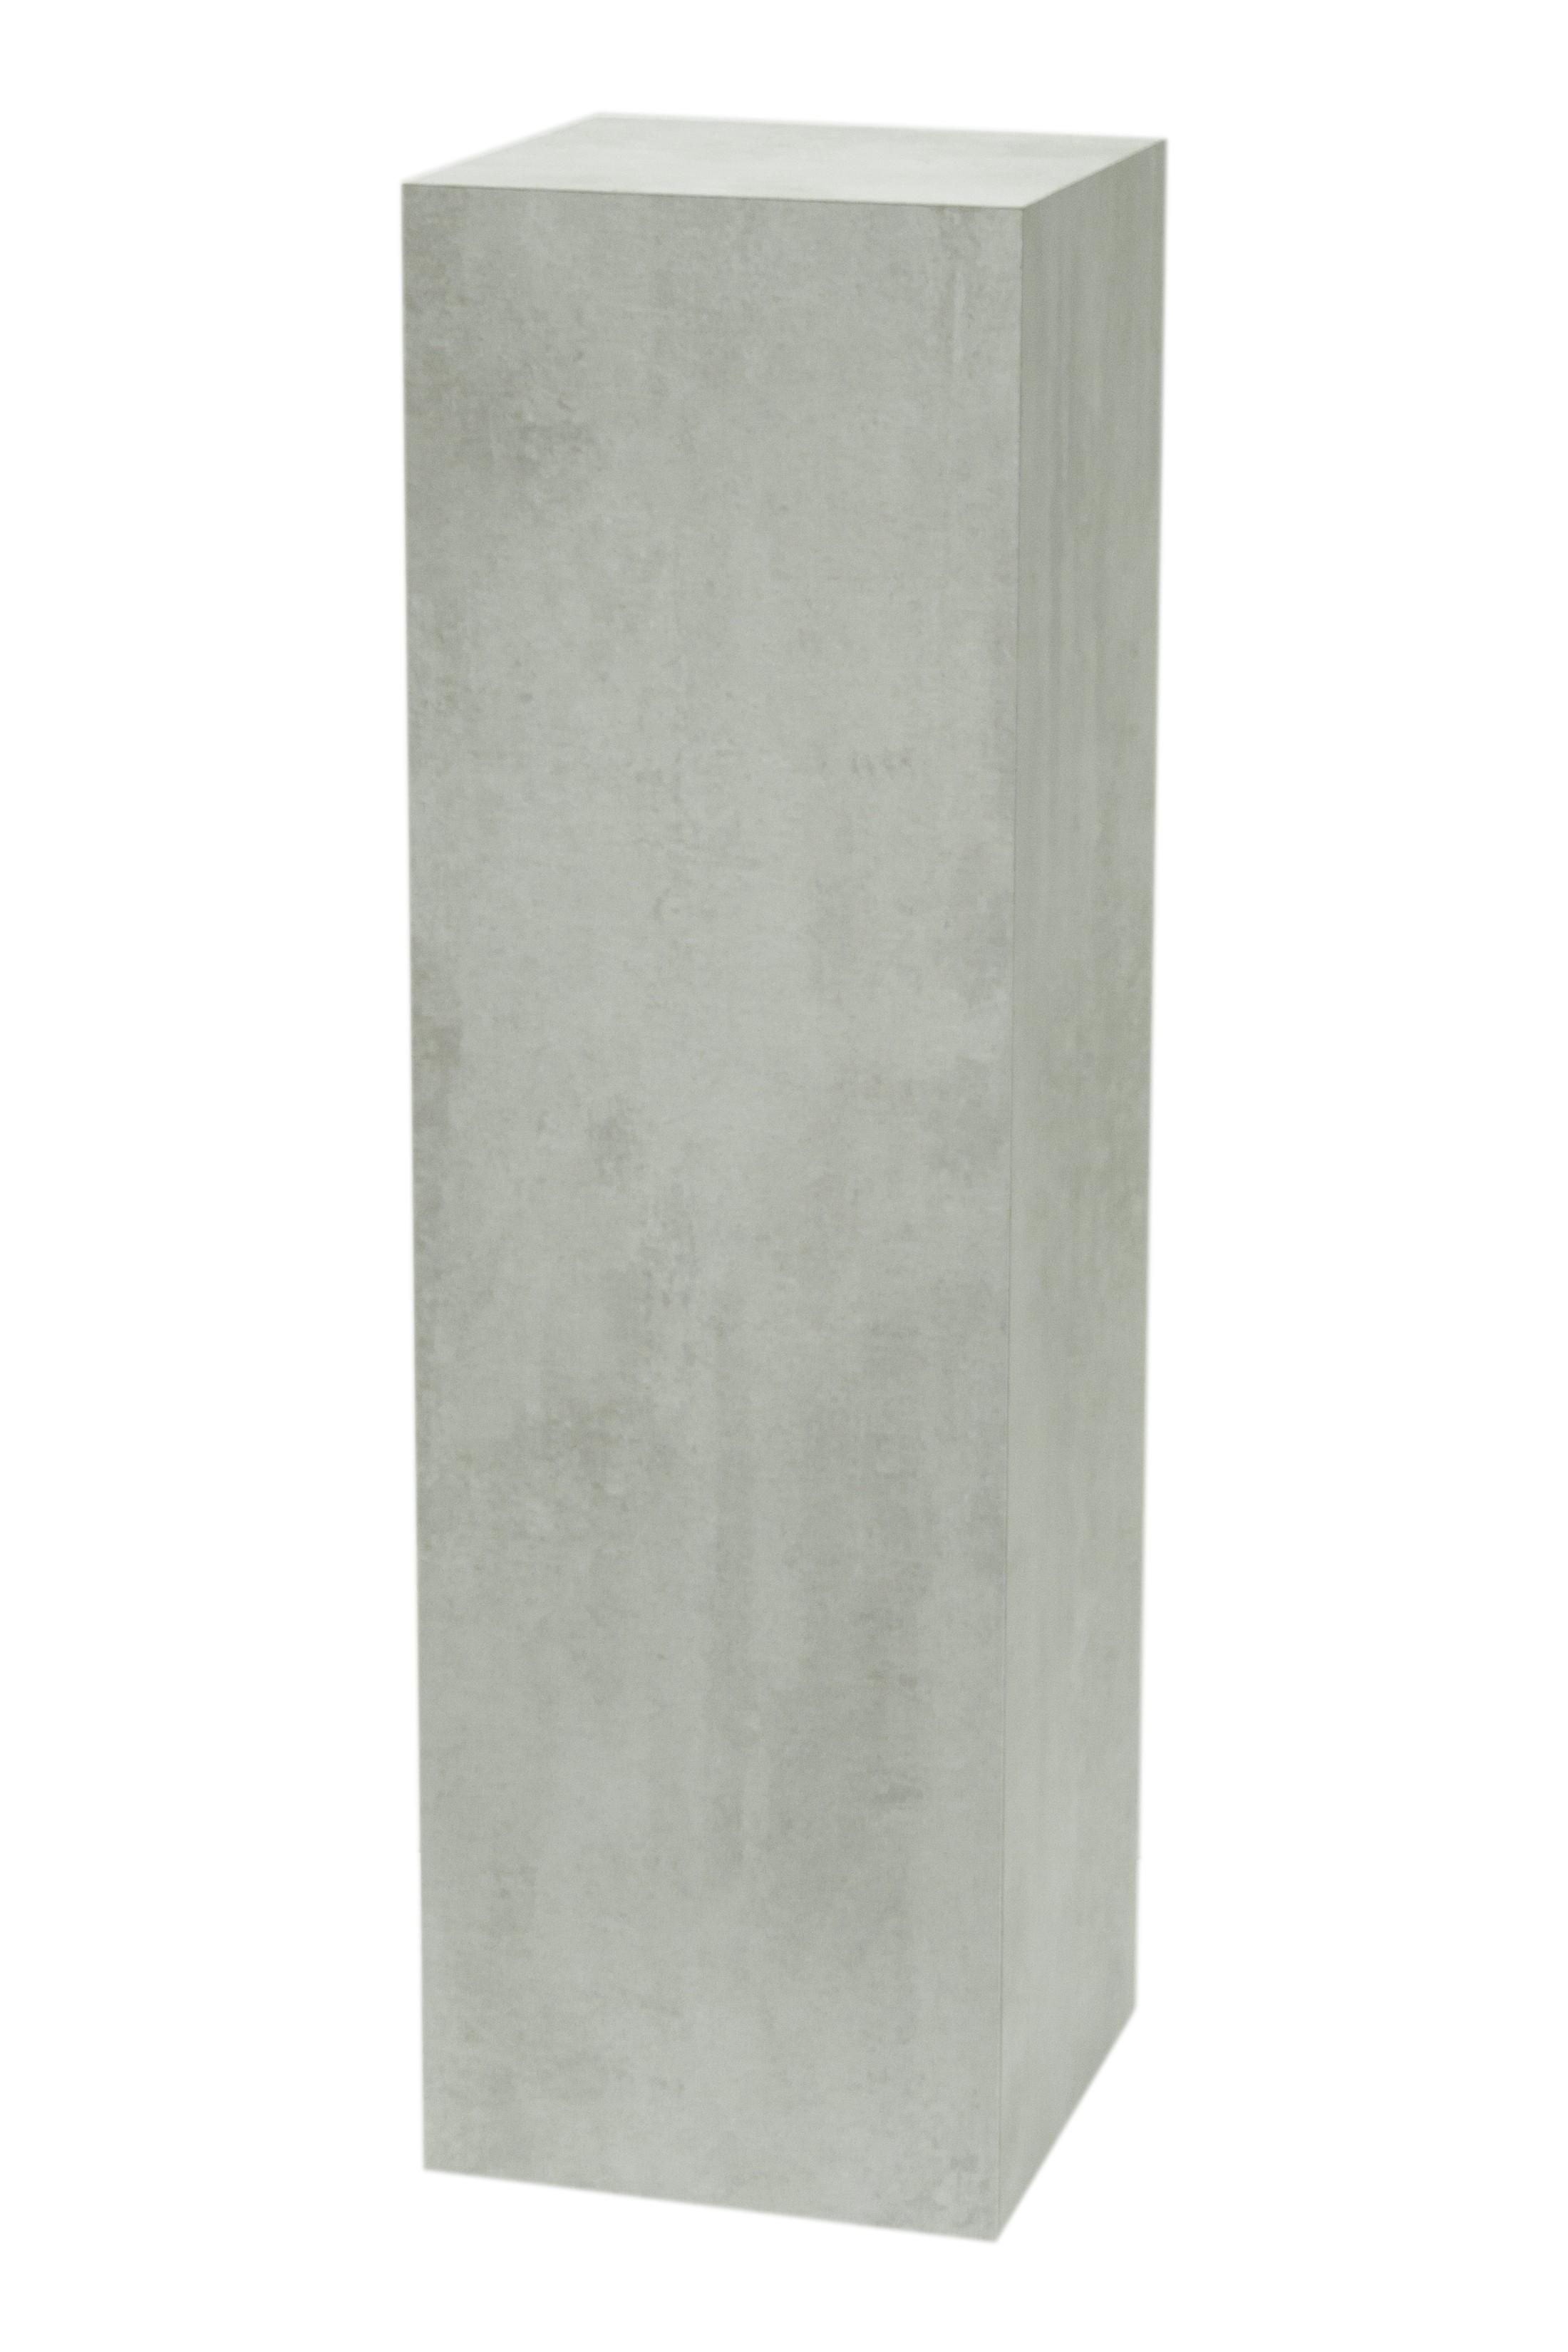 Galeriesockel Beton-optik